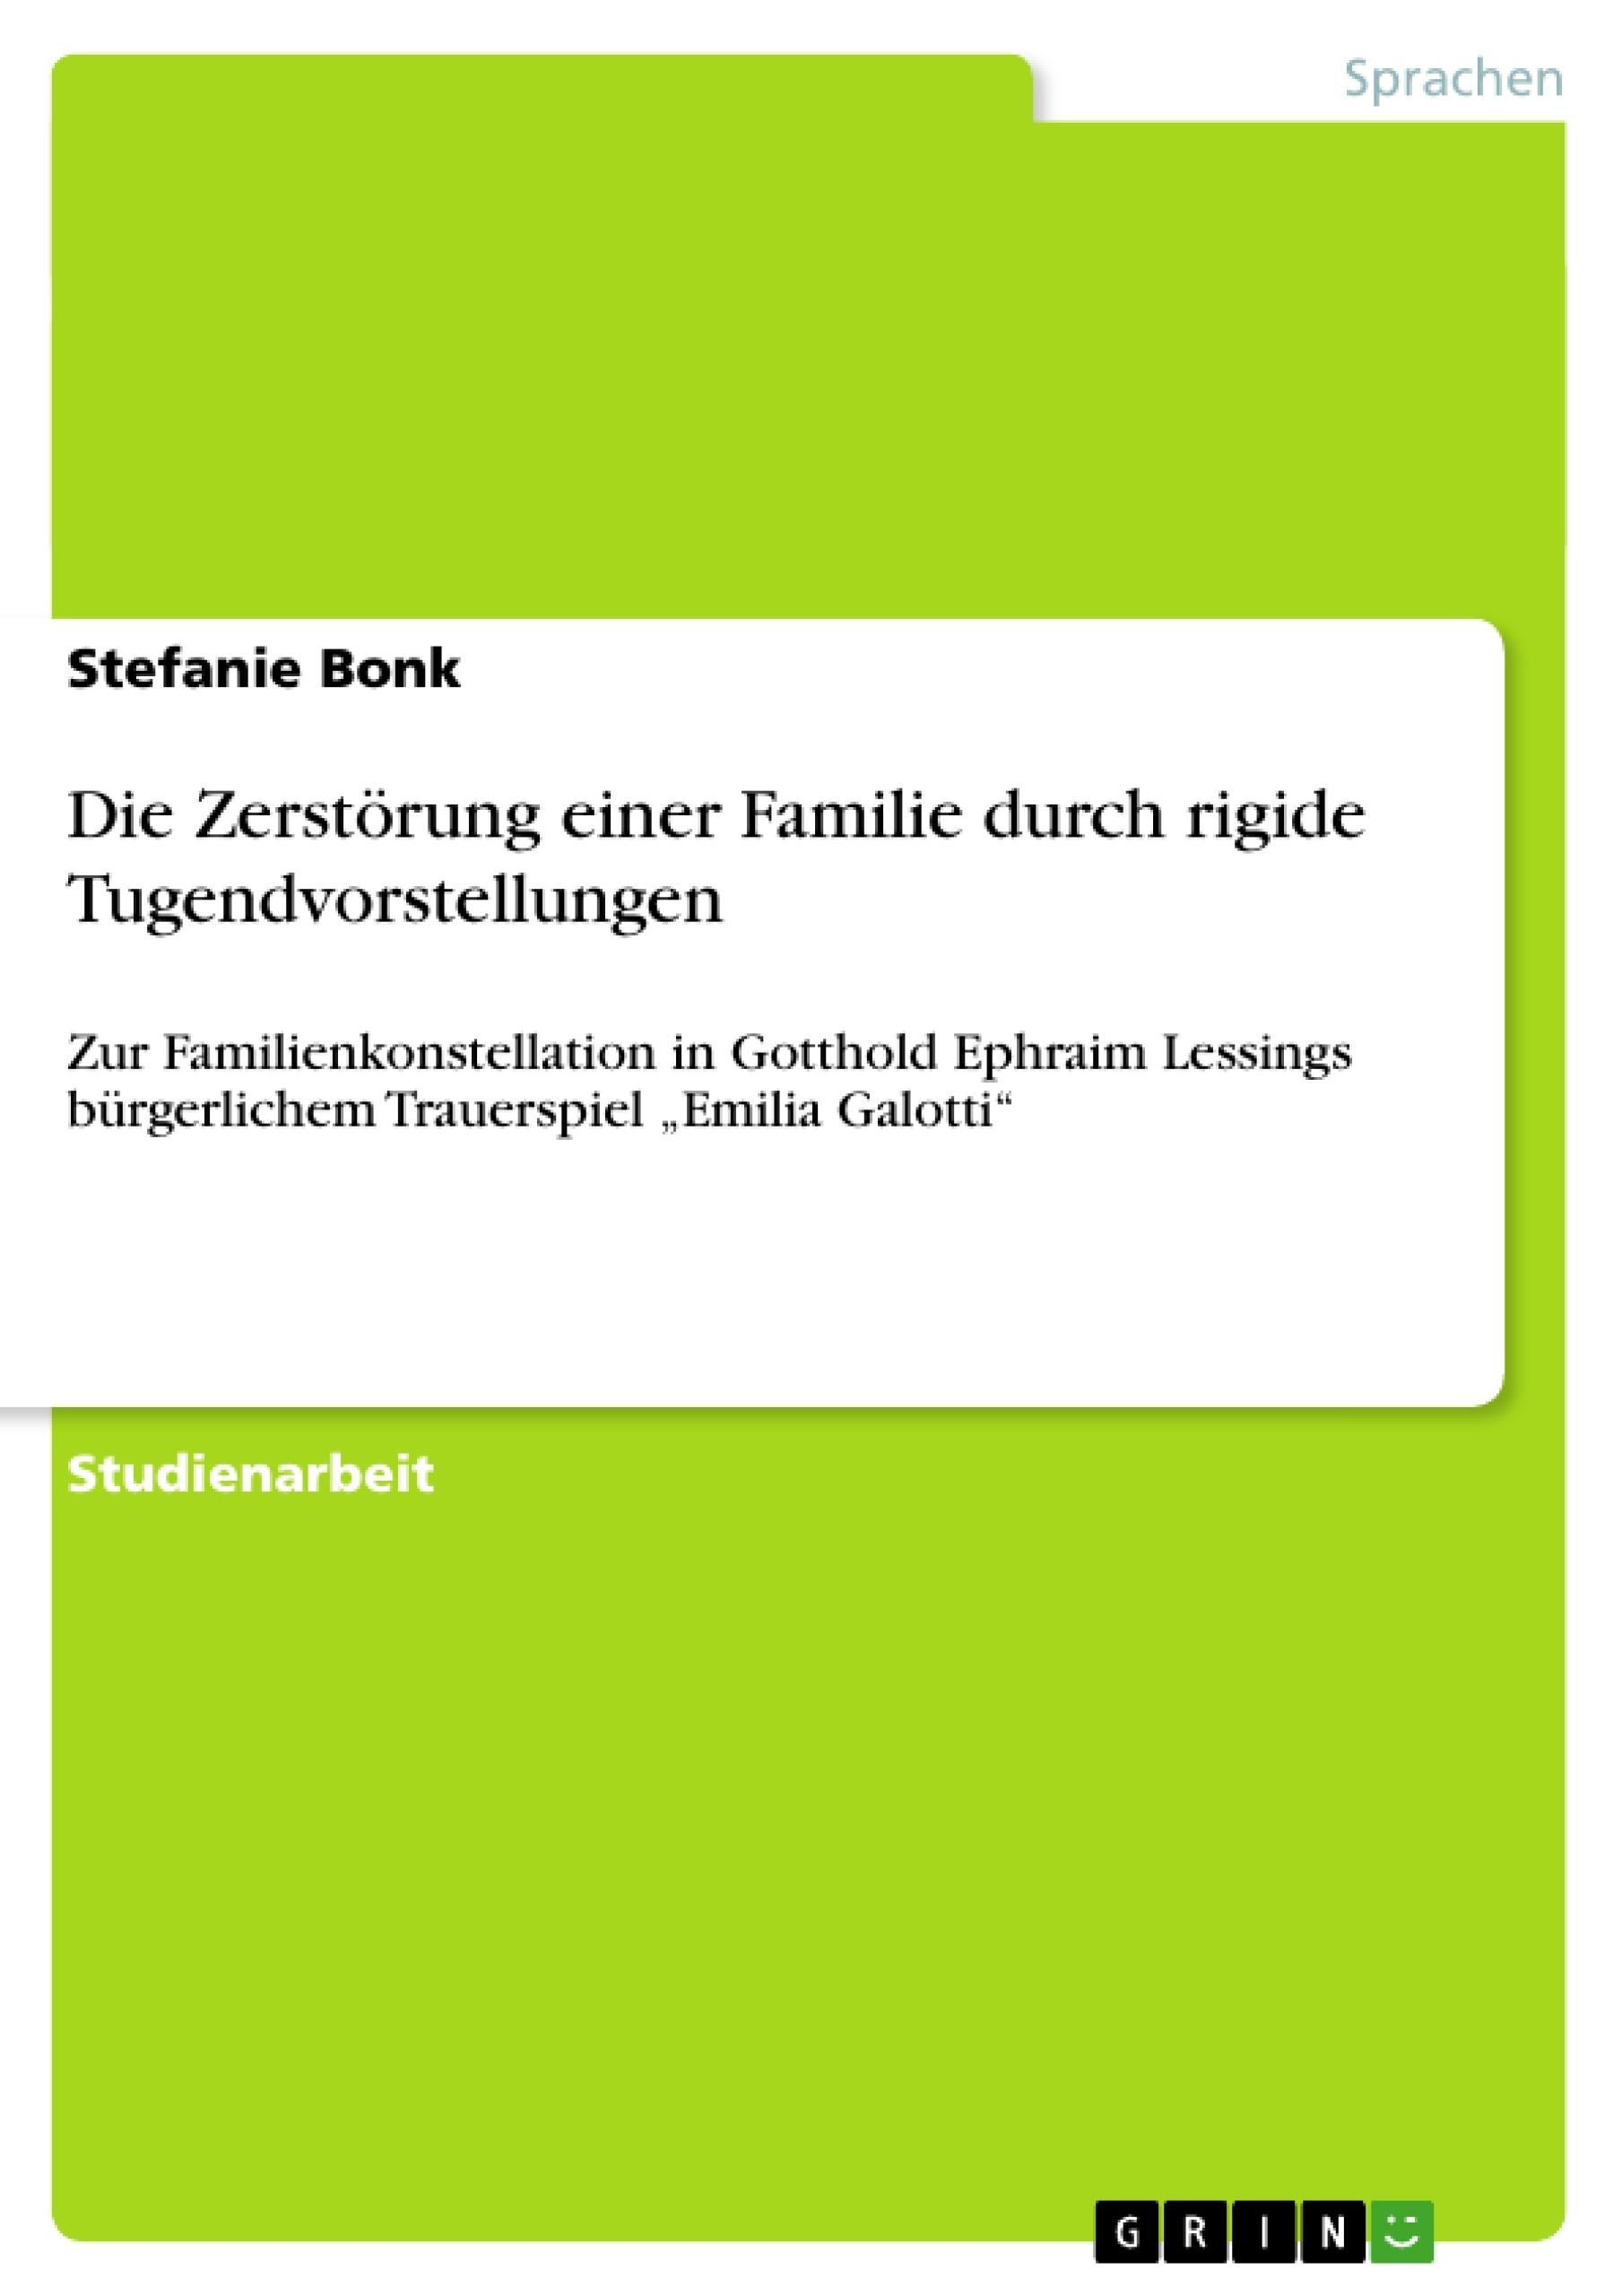 Titel: Die Zerstörung einer Familie durch rigide Tugendvorstellungen